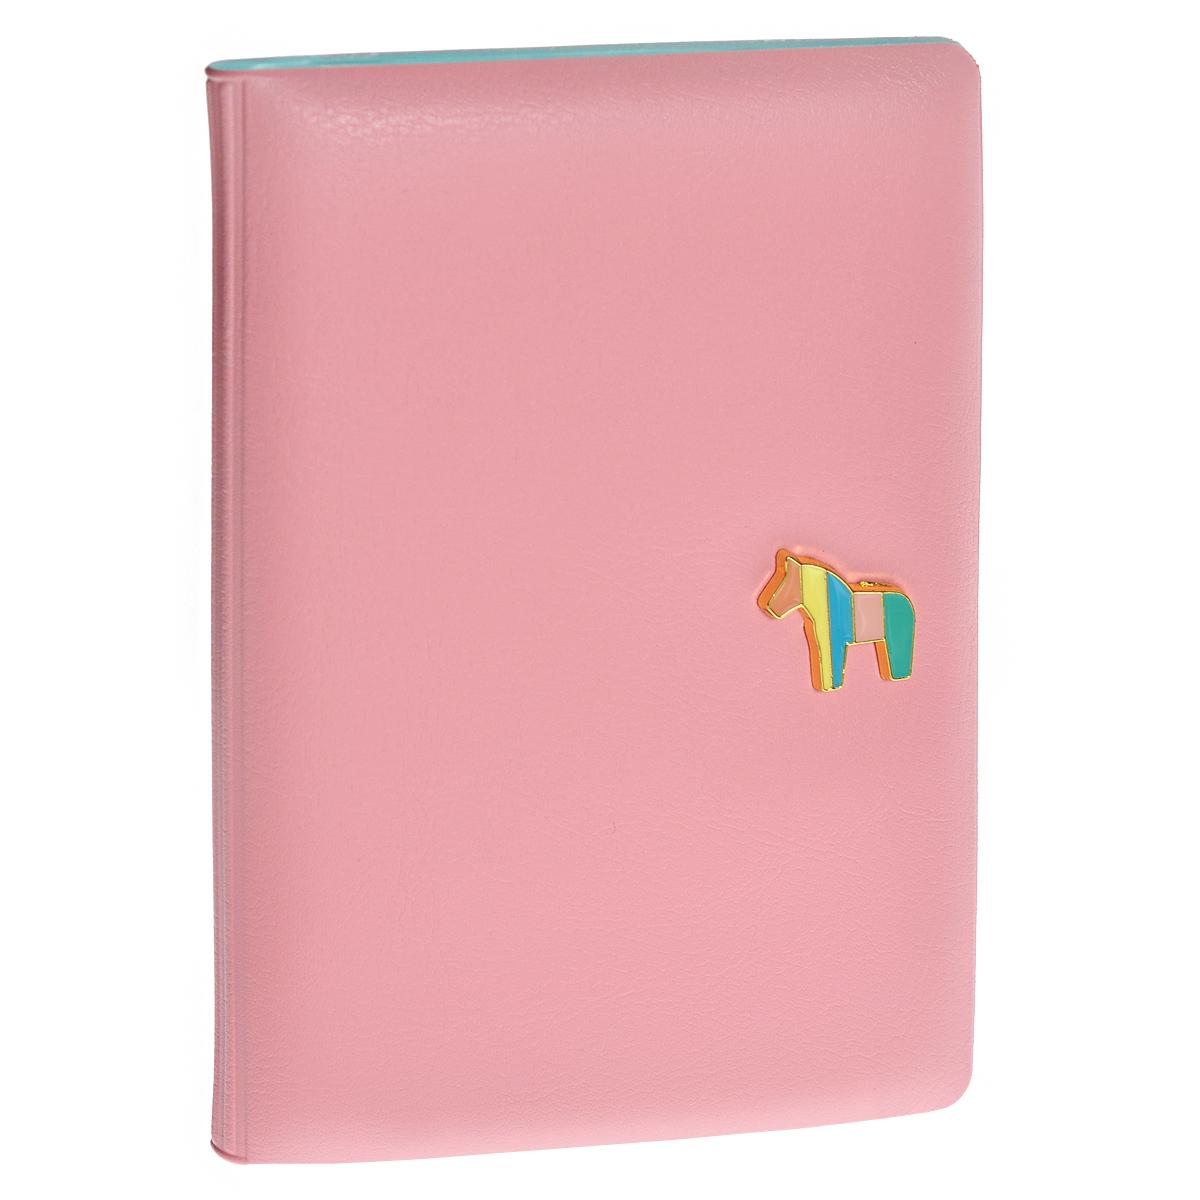 Обложка для паспорта Pony, цвет: розовый0901033Обложка для паспорта Pony не только поможет сохранить внешний вид ваших документов и защитить их от повреждений, но и станет стильным аксессуаром, идеально подходящим вашему образу. Обложка выполнена из ПВХ розового цвета и оформлена декоративным элементом из металла в виде миниатюрного пони. Внутри - кармашек из прозрачного пластика. Такая обложка станет замечательным подарком человеку, ценящему качественные и практичные вещи. Характеристики: Материал: ПВХ. Цвет: розовый. Размер обложки в сложенном виде: 9,5 см х 14 см х 1 см. Размер упаковки: 10 см х 14,5 см х 1,5 см. Артикул: 0901033.